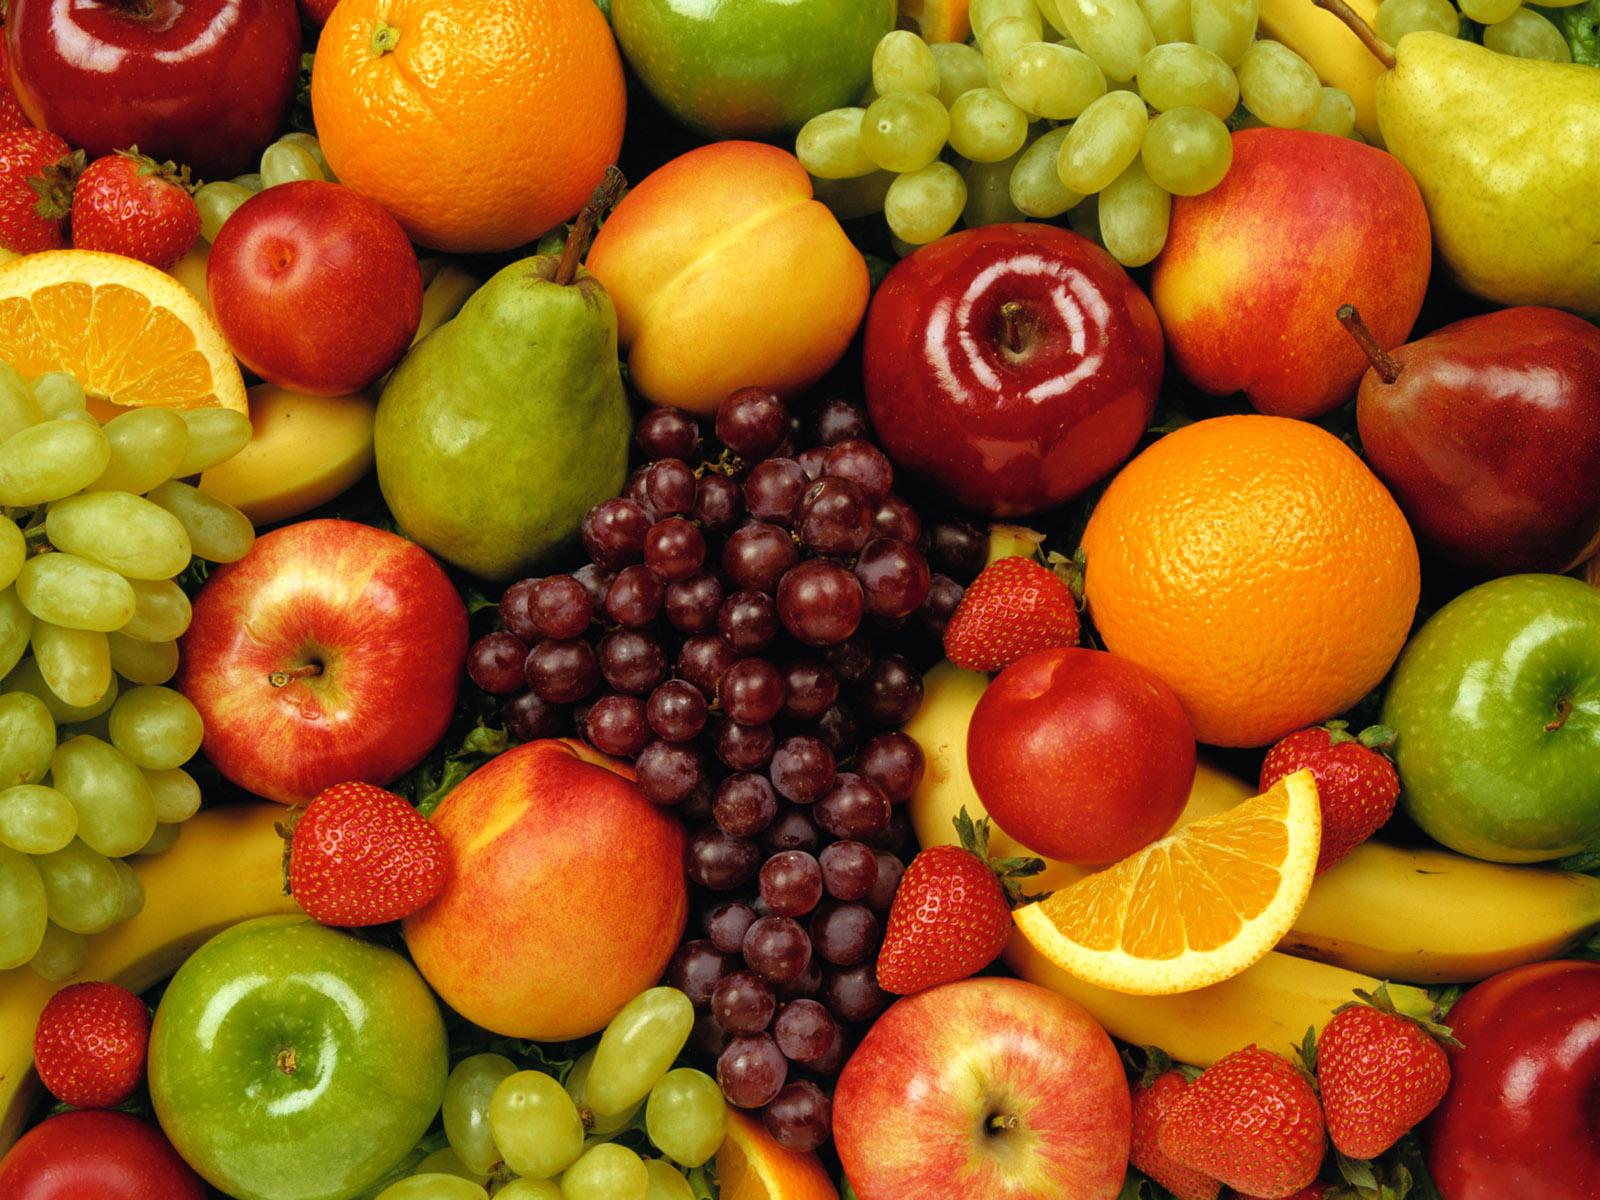 afvallen met fruitdieet